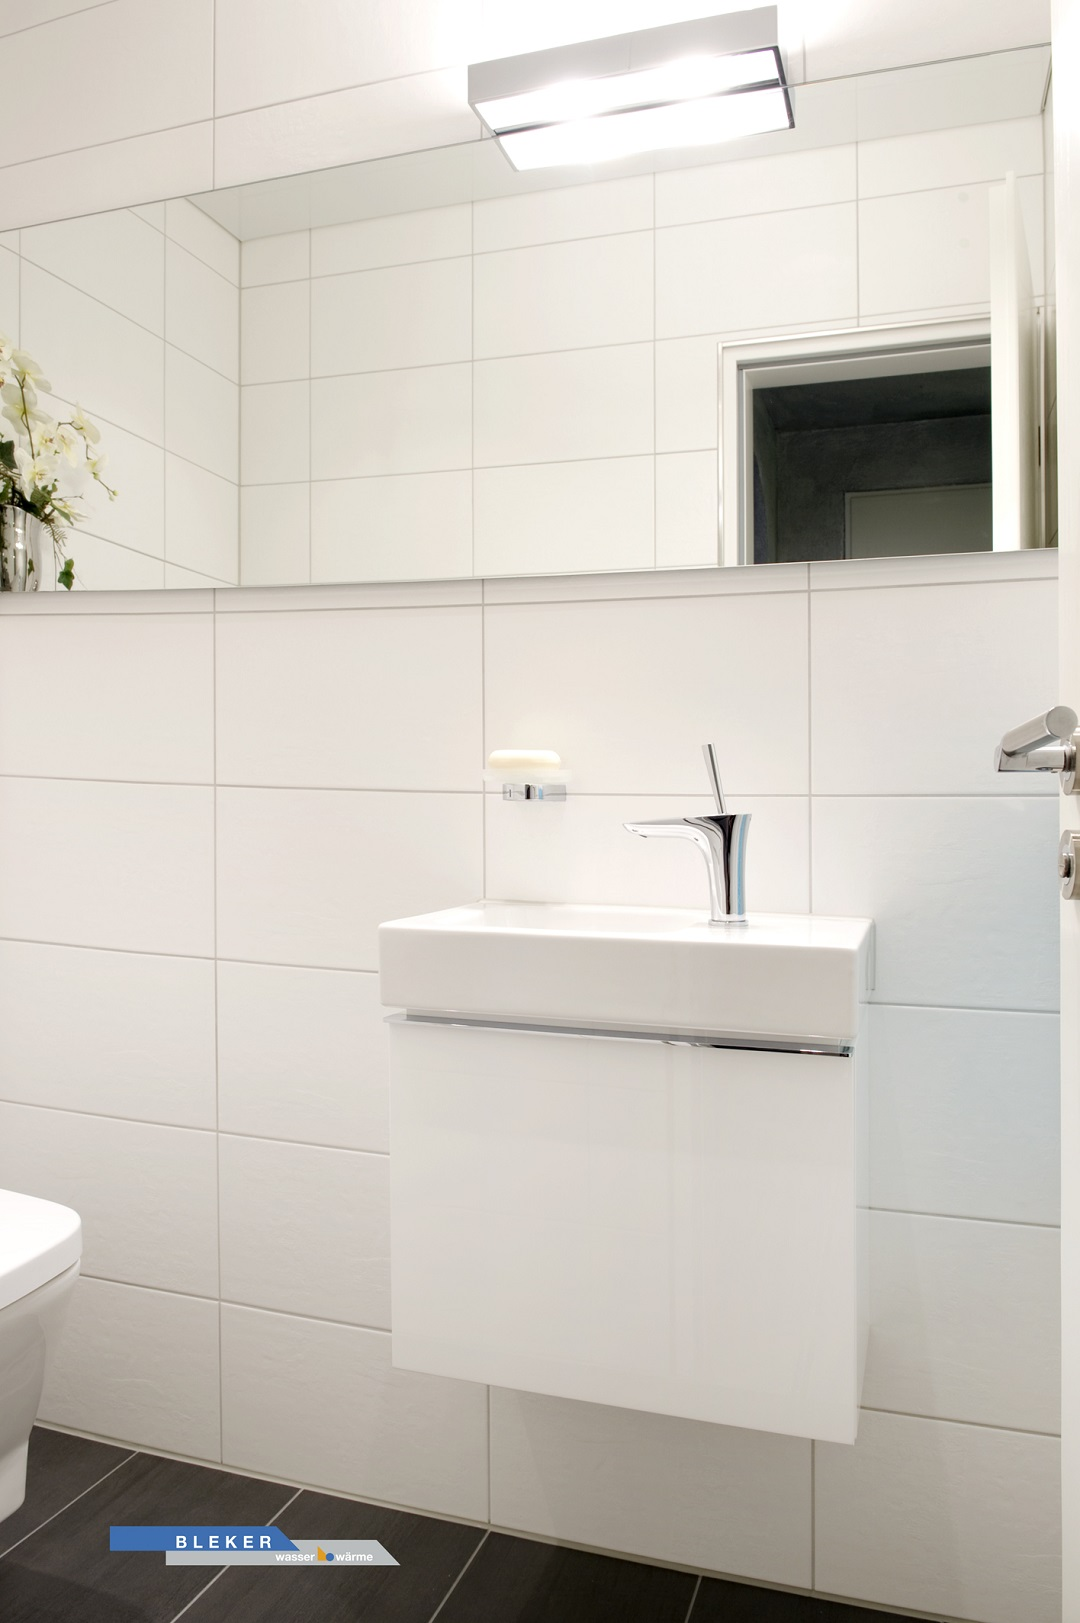 Gäste-WC mit weissem Waschtisch und grossem Spiegel